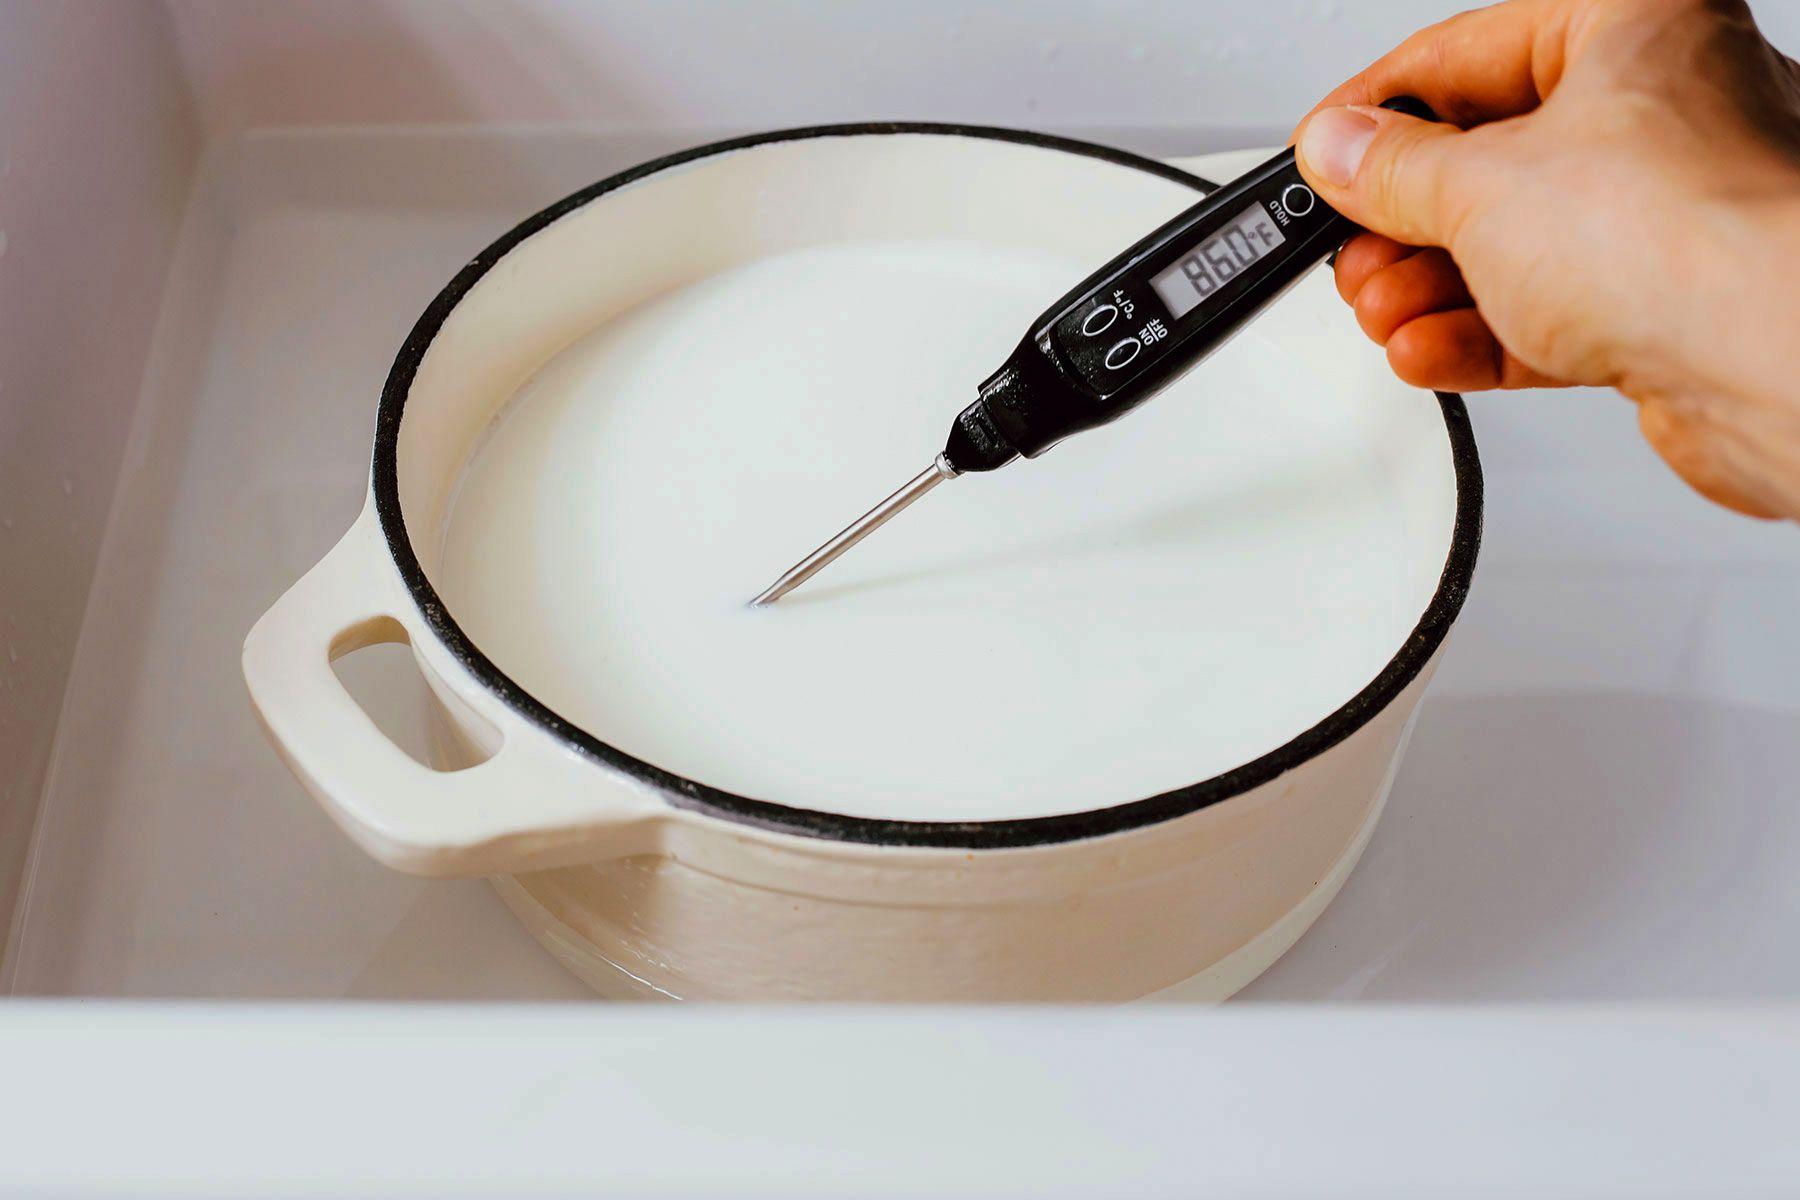 heat milk in the pot, check the temperature